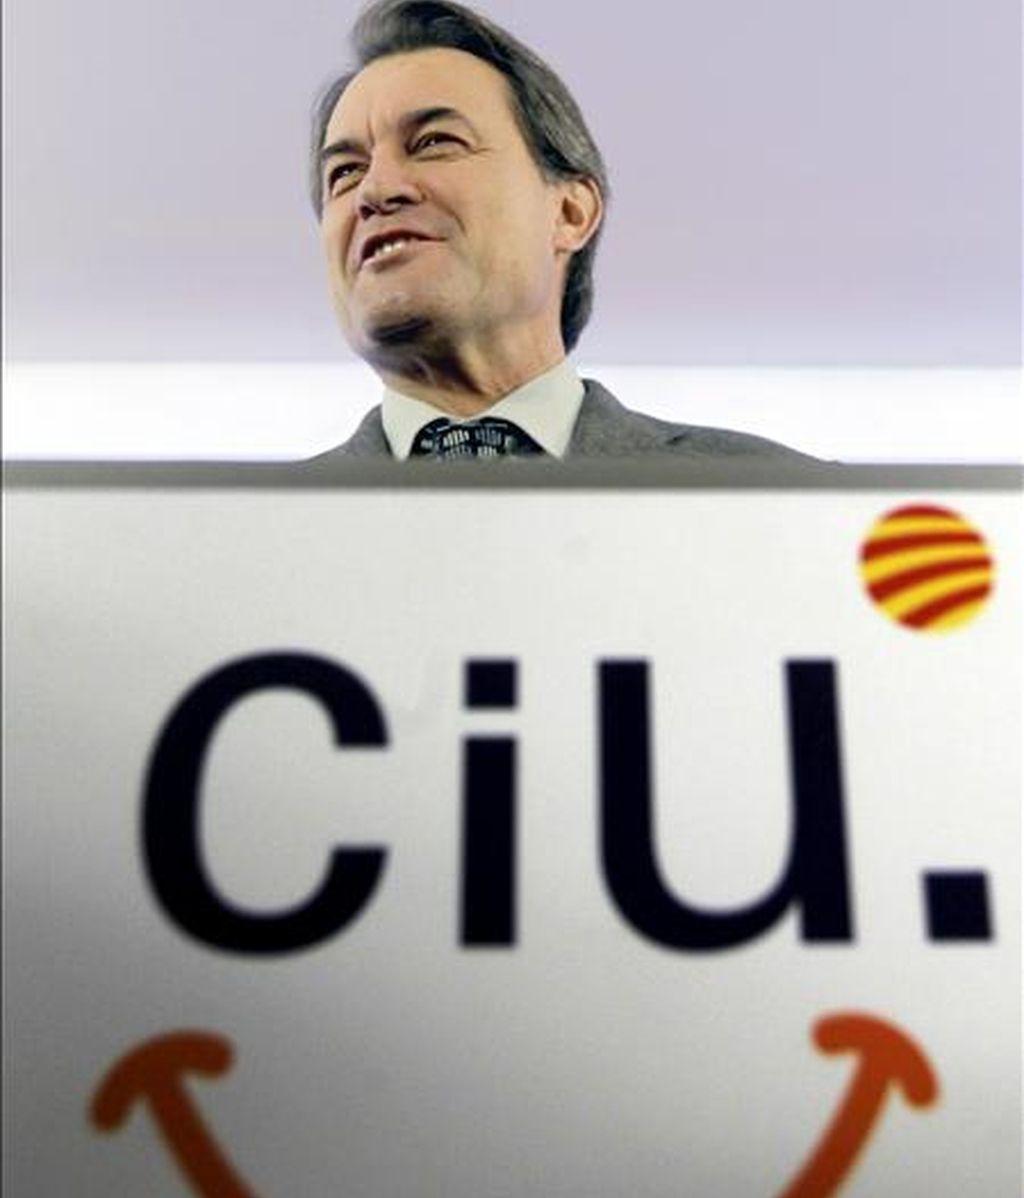 El presidente de CiU y futuro presidente de la Generalitat, Artur Mas. EFE/Archivo